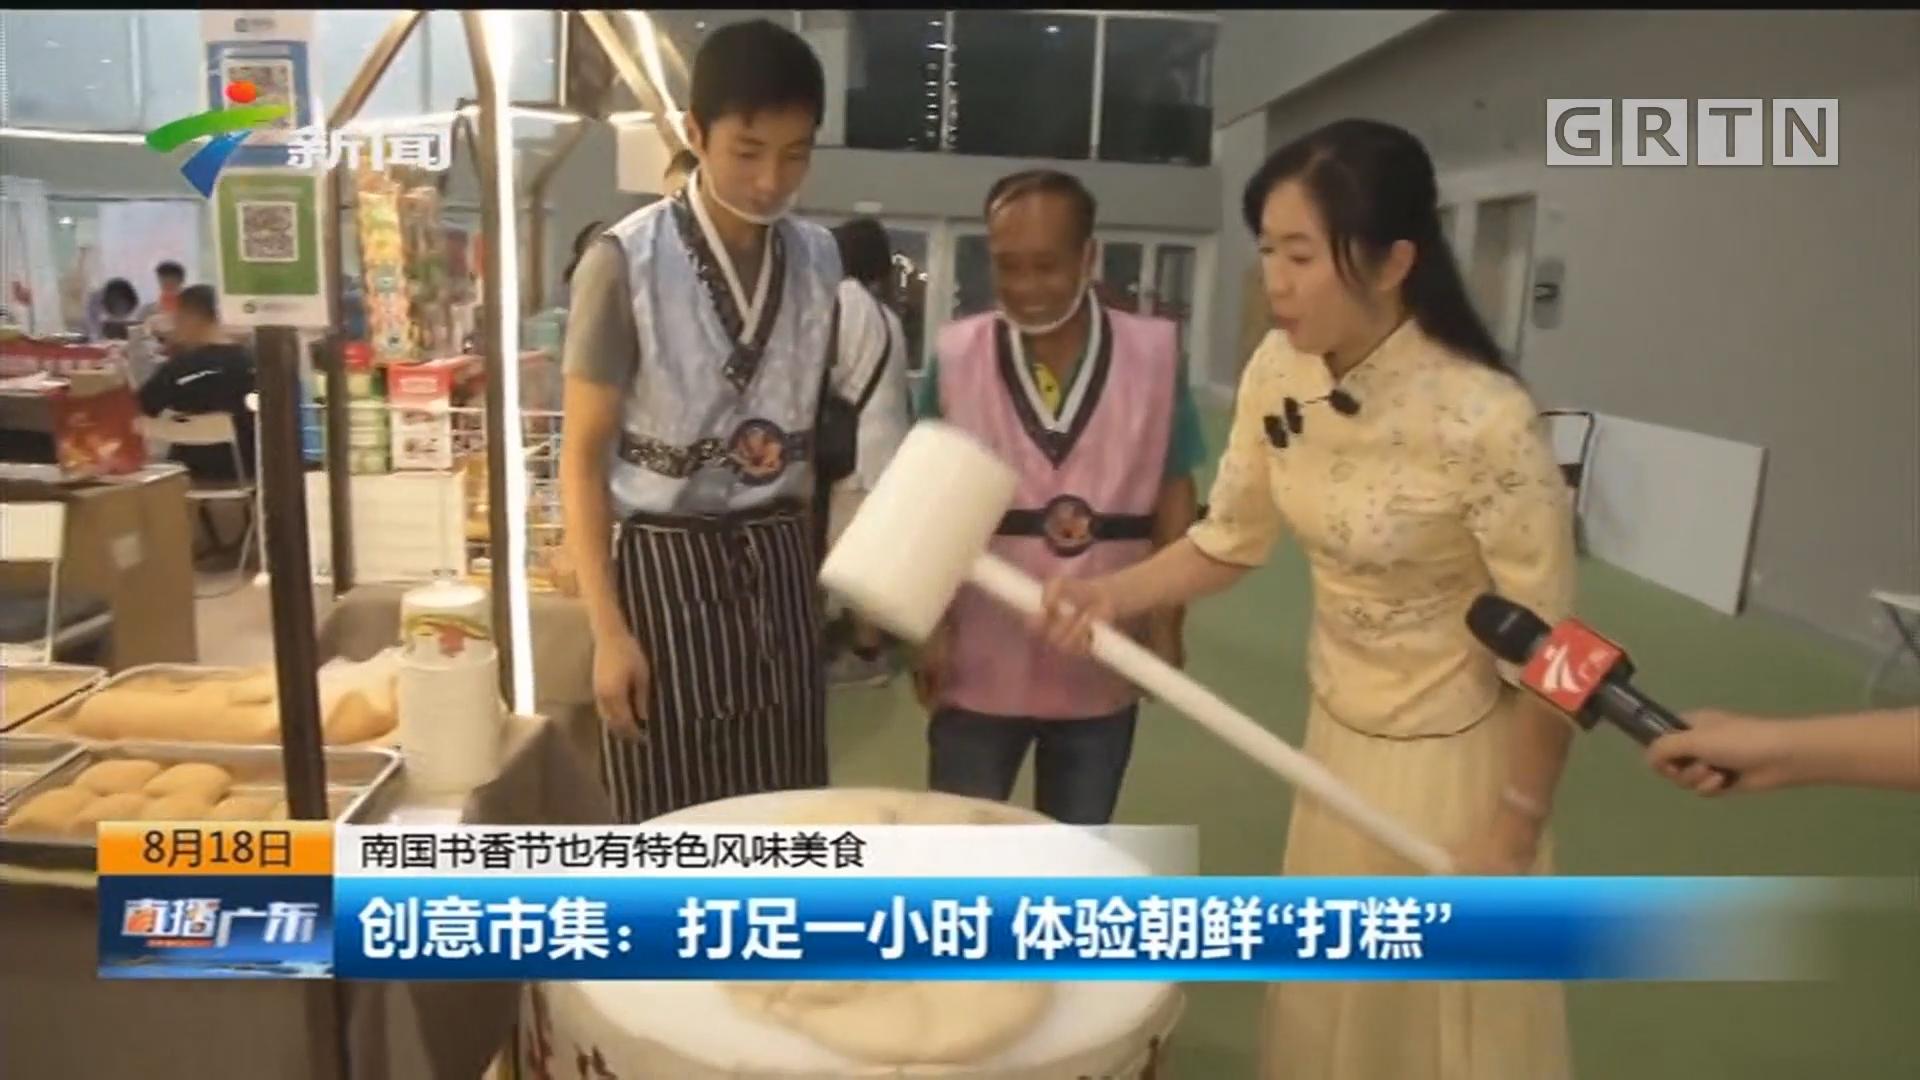 """南国书香节也有特色风味美食 创意市集:打足一小时 体验朝鲜""""打糕"""""""